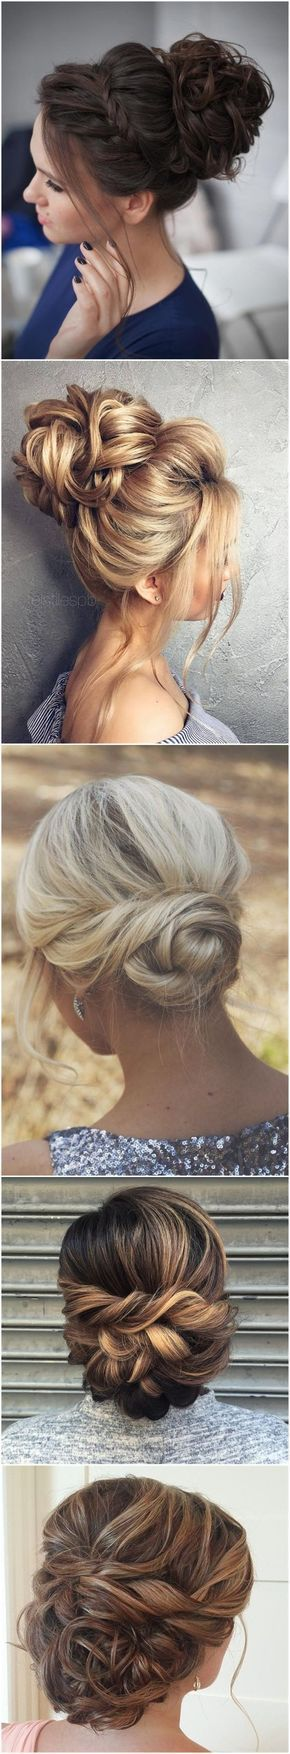 Hairs - hair